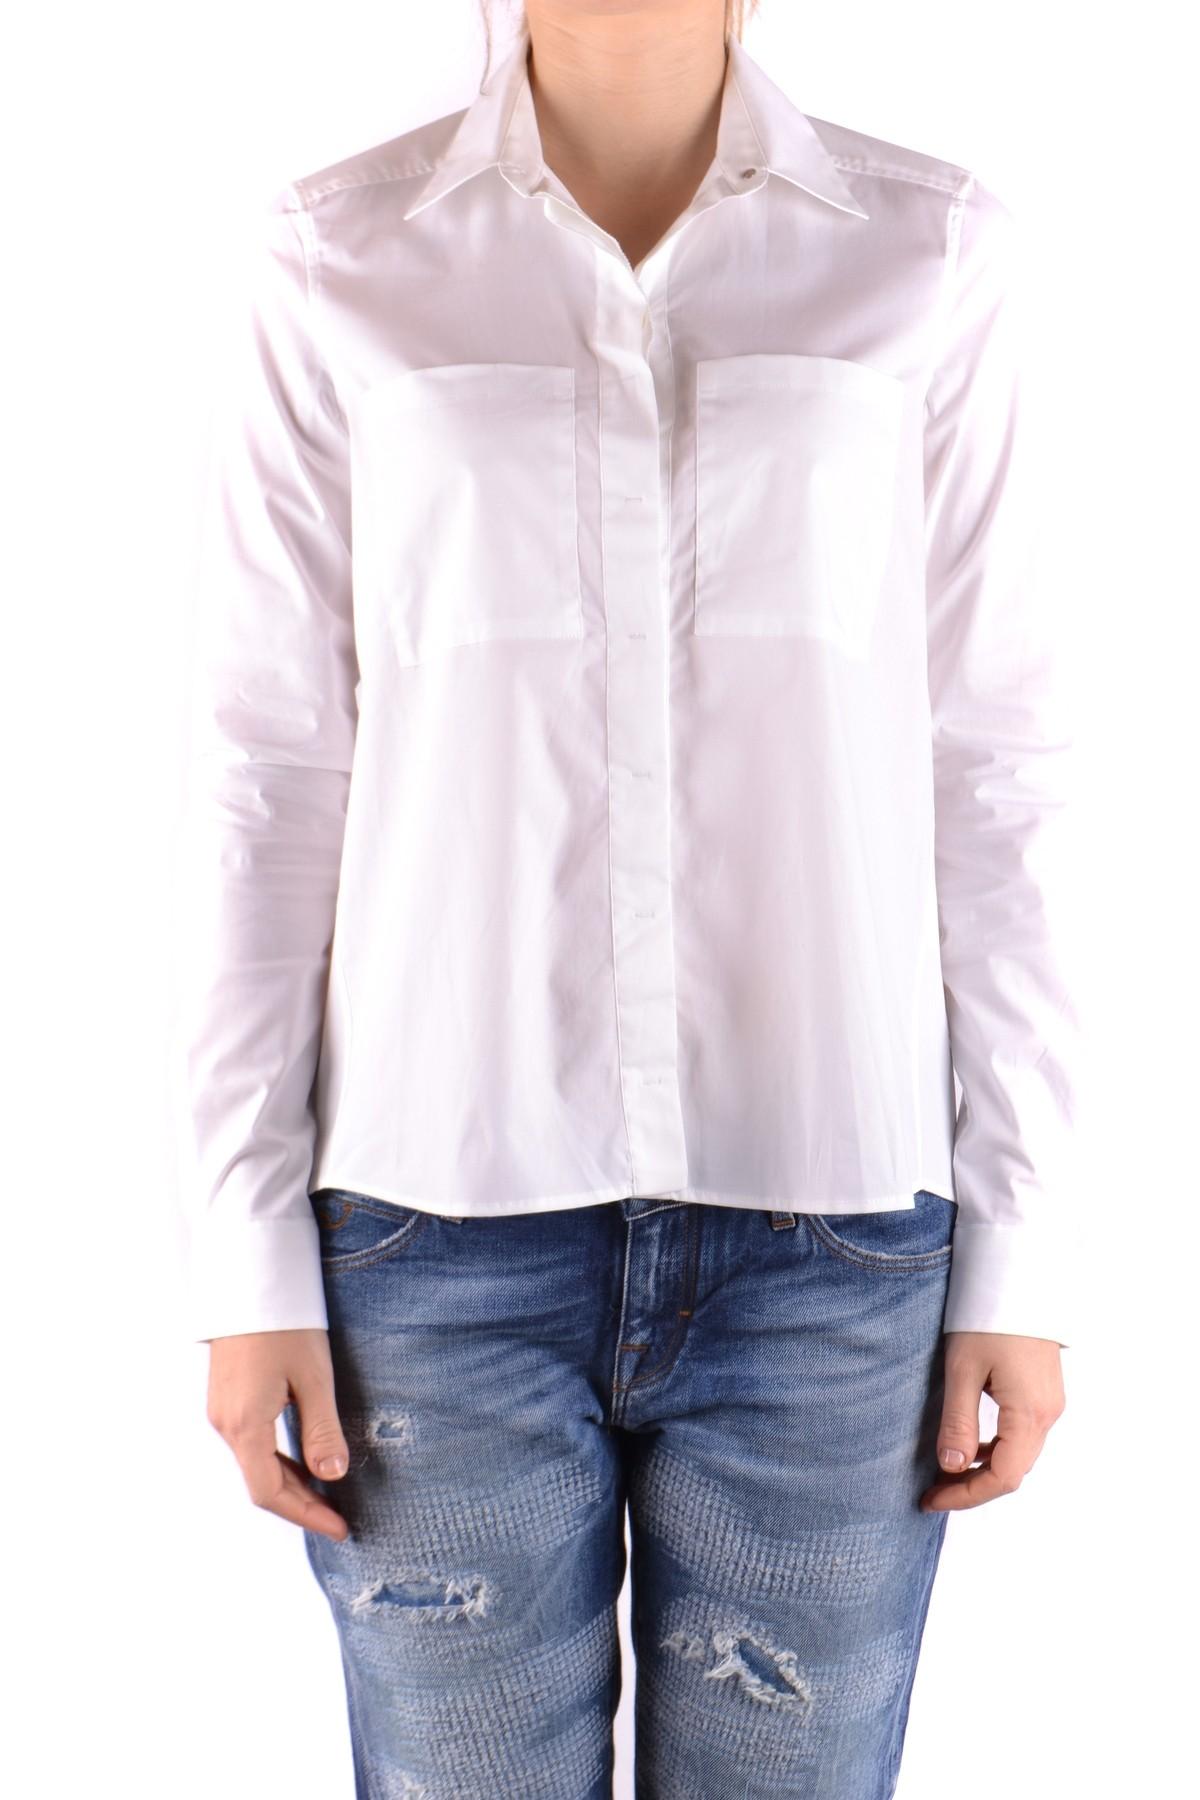 Marchio Jacob Cohen Genere Donna Tipologia Camicie Stagione Primavera/Estat…